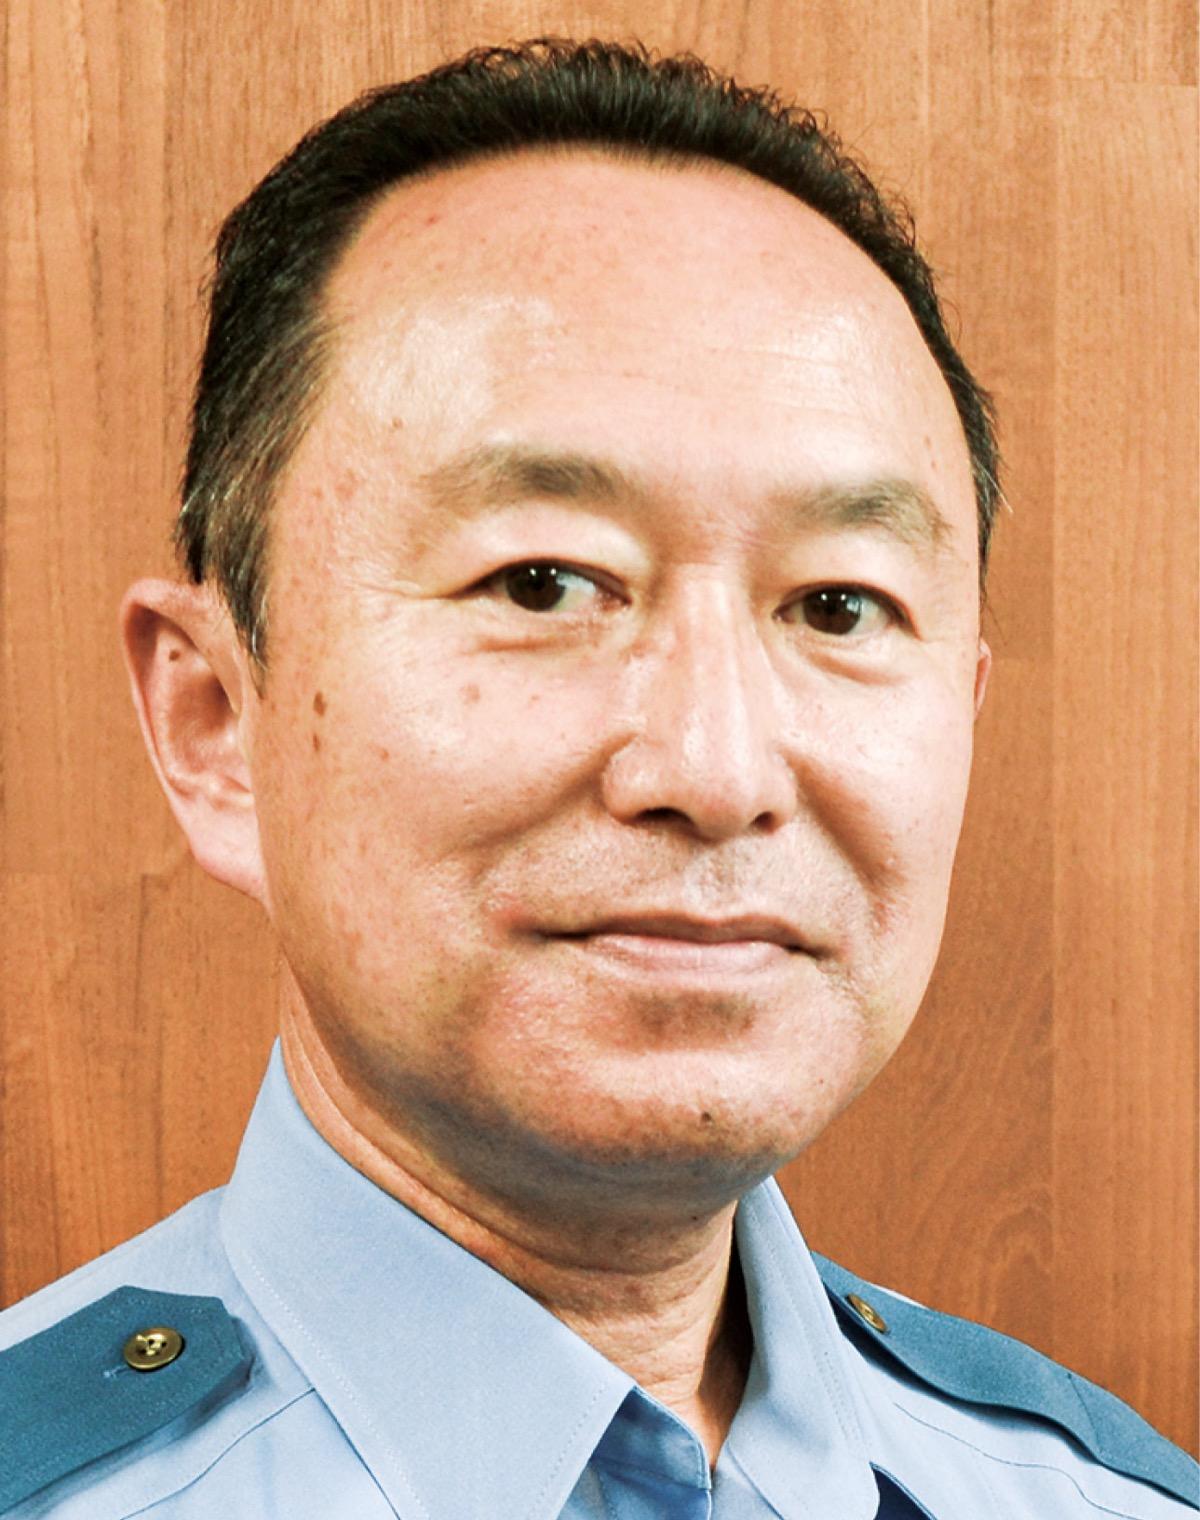 浦賀警察署 杉本 彰 署長 コンビニと連携 | 横須賀 | タウンニュース